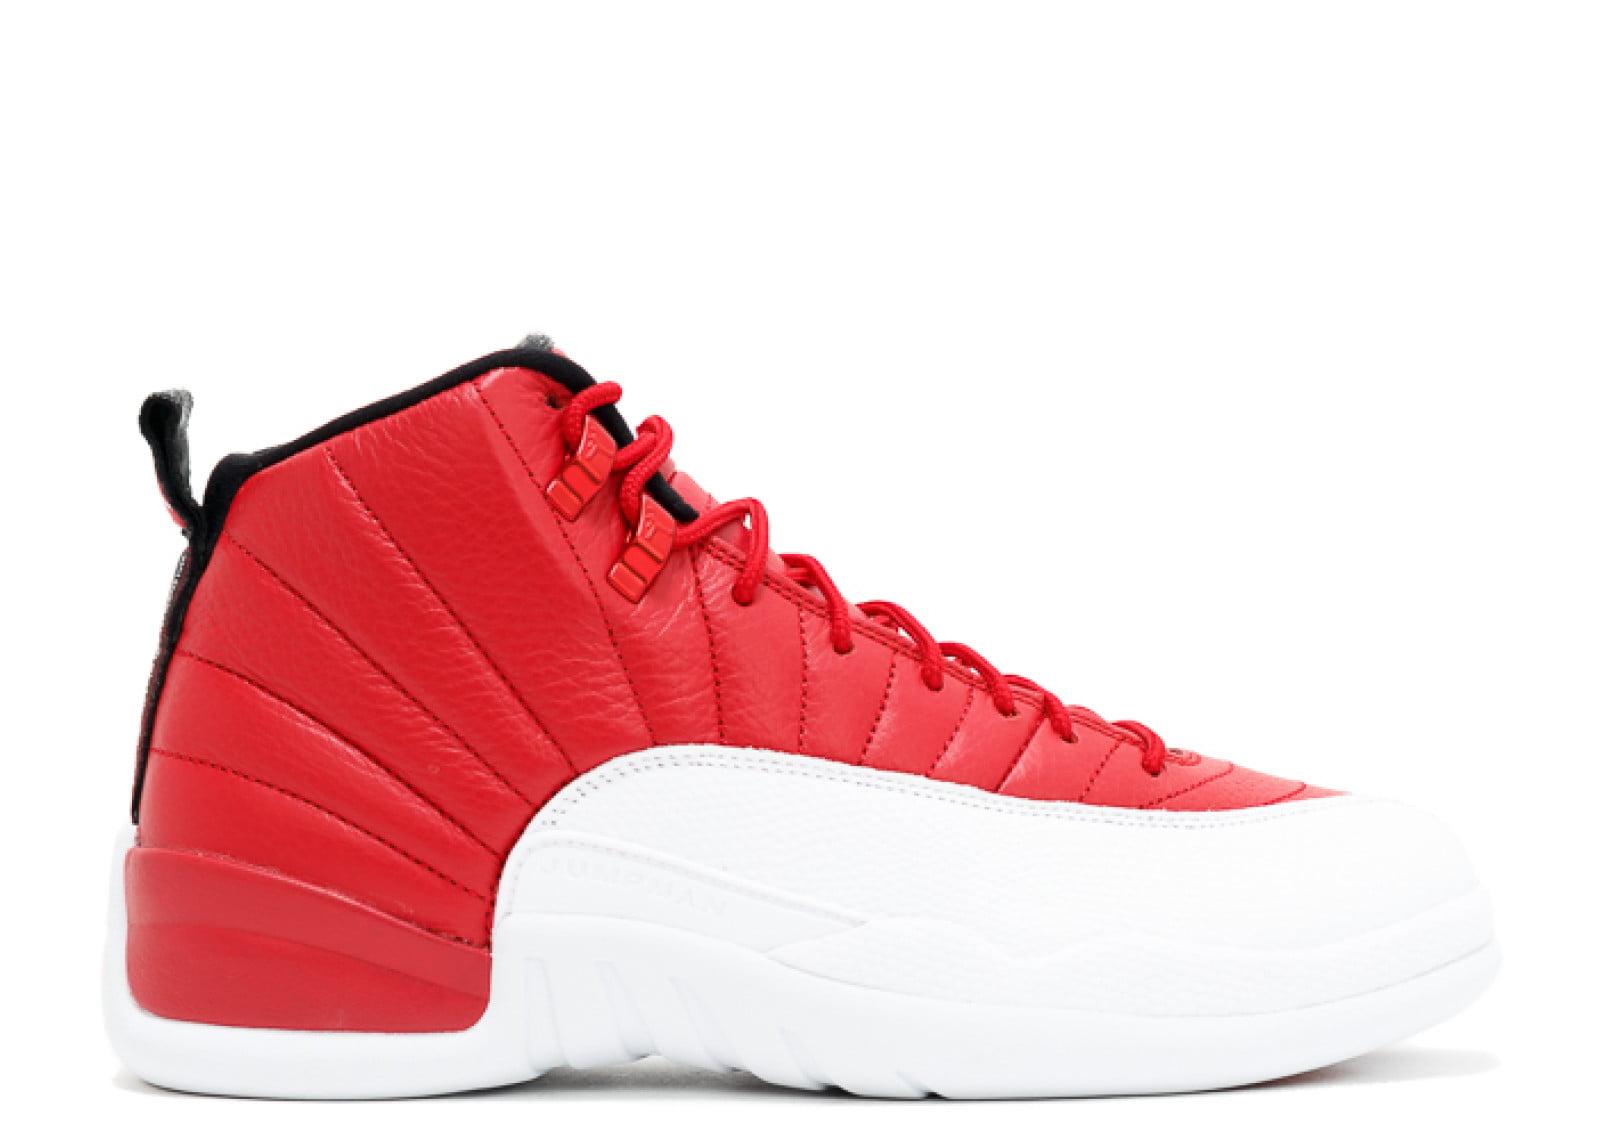 738de8c55383c Air Jordan - Men - Air Jordan 12 Retro  Gym Red  - 130690-600 - Size 9.5